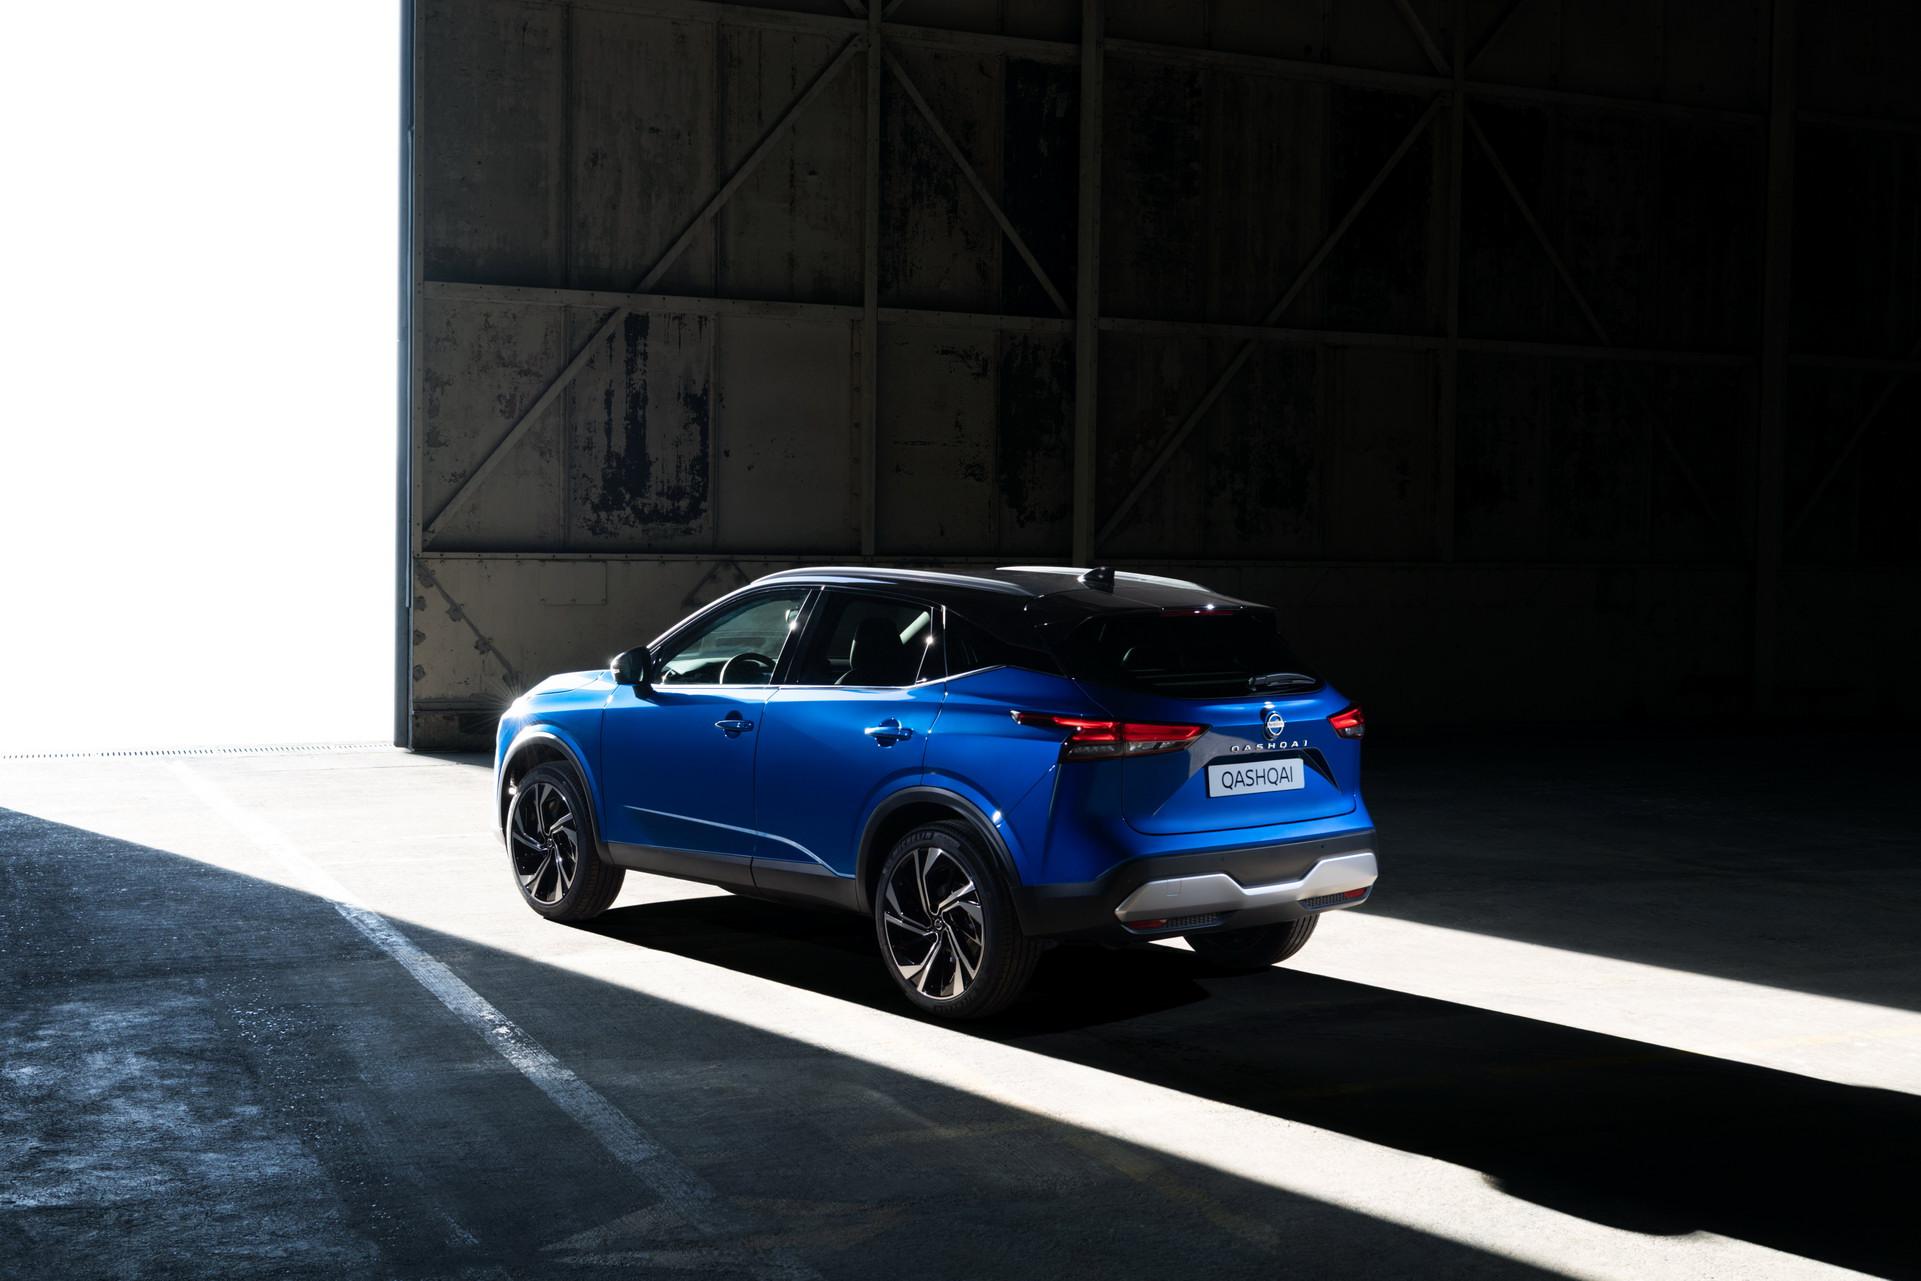 Nissan Qashqai 2021 (9)